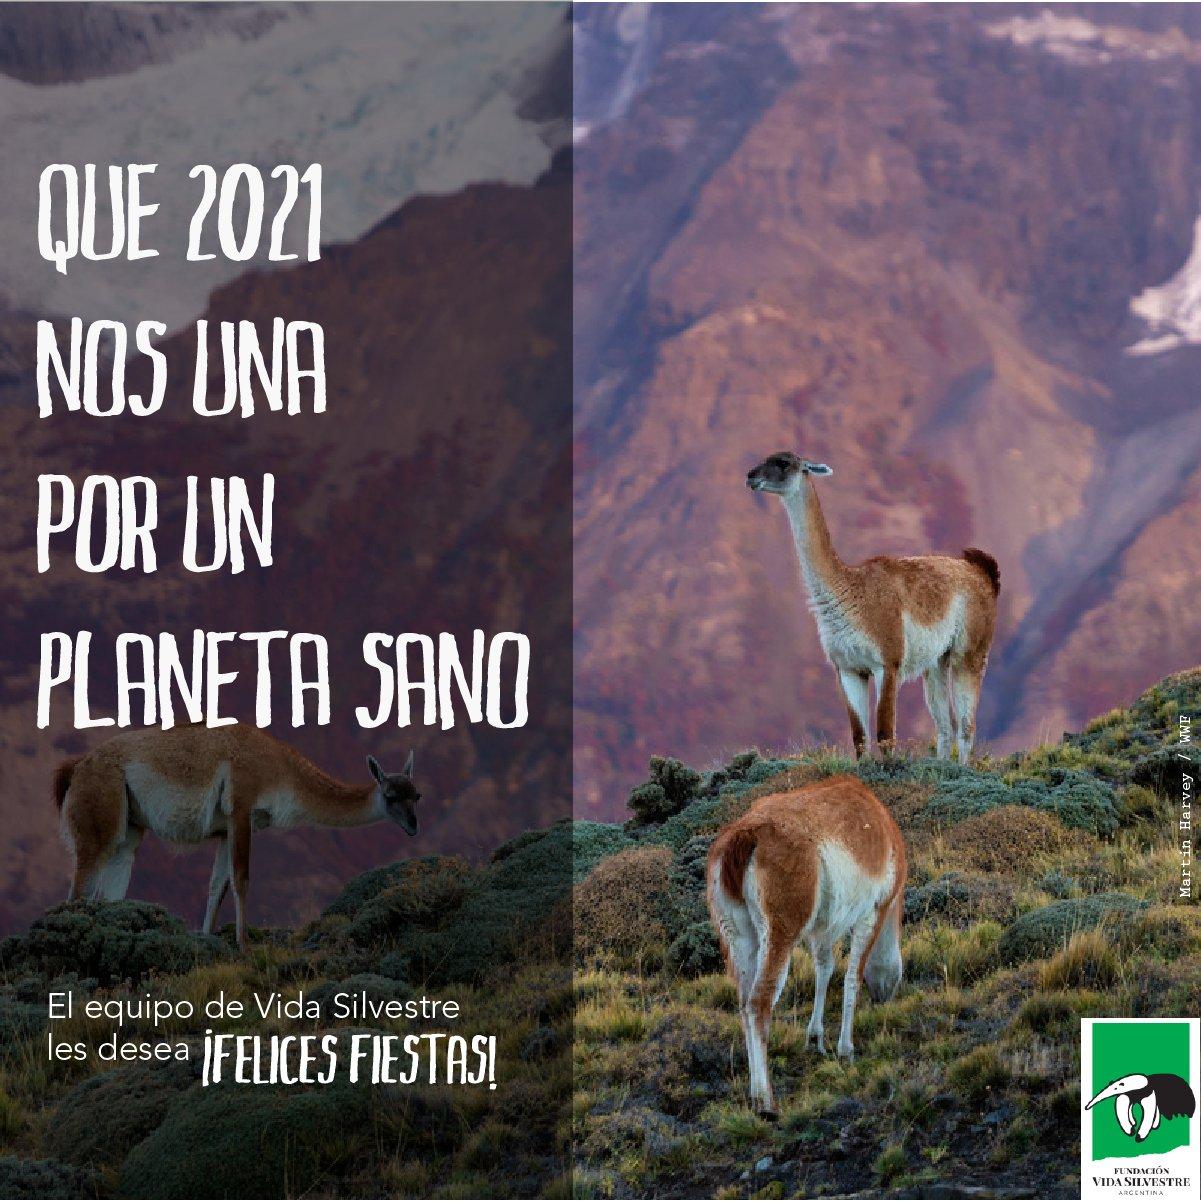 Que 2021 nos una por un planeta sano